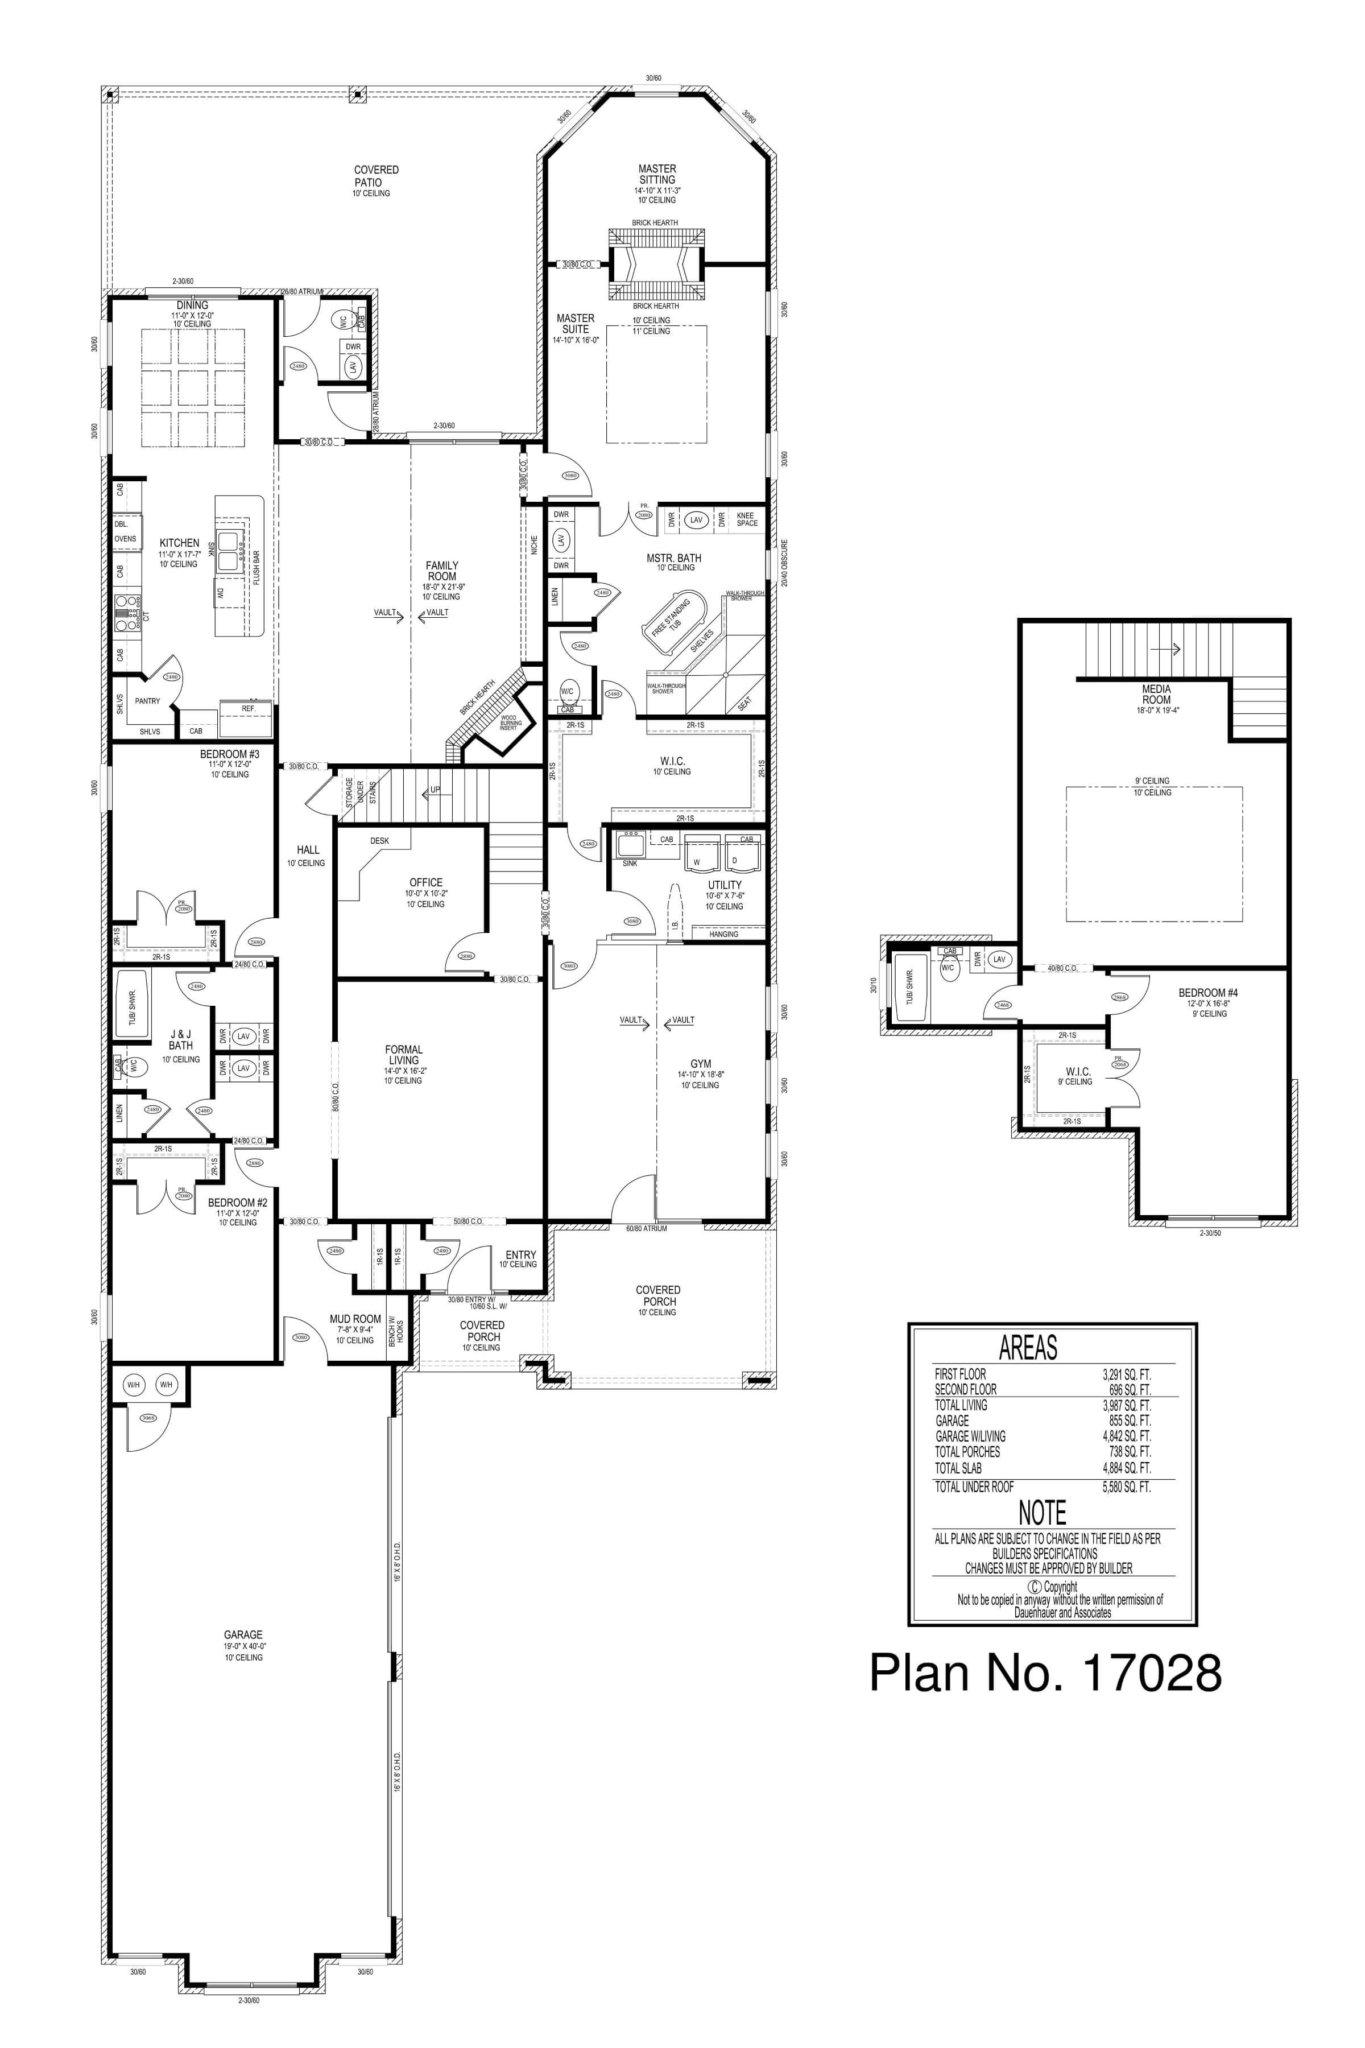 house-plan-p17028p-floor